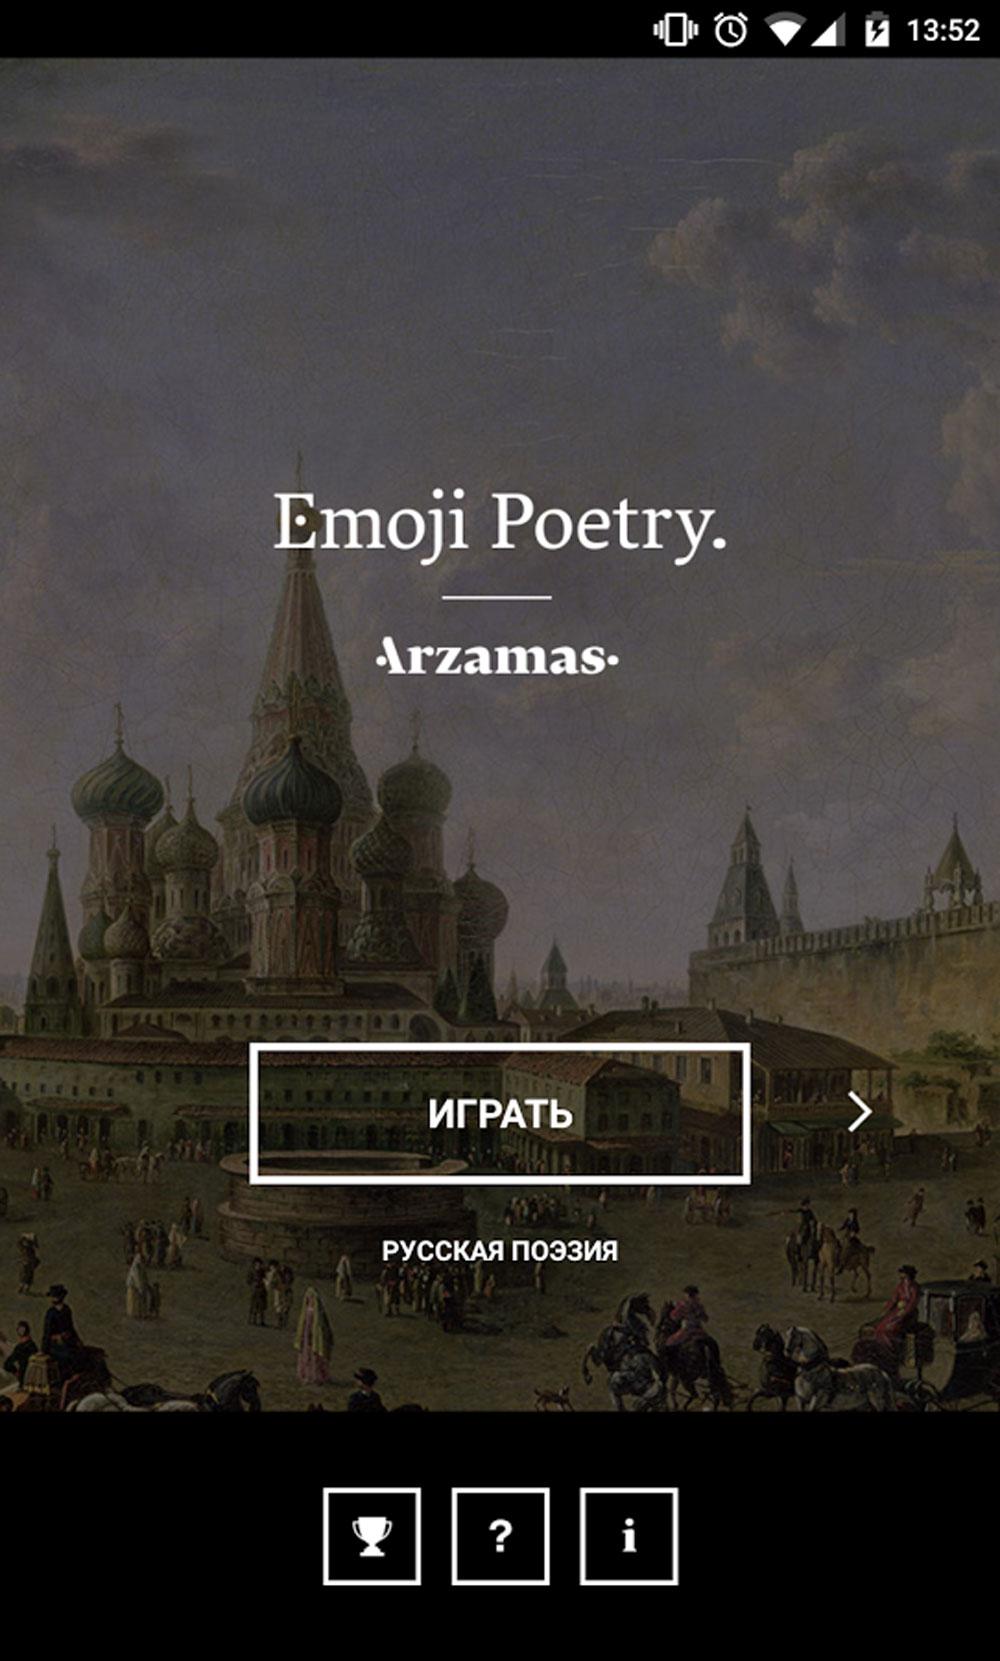 Emoji Poetry Arzamas